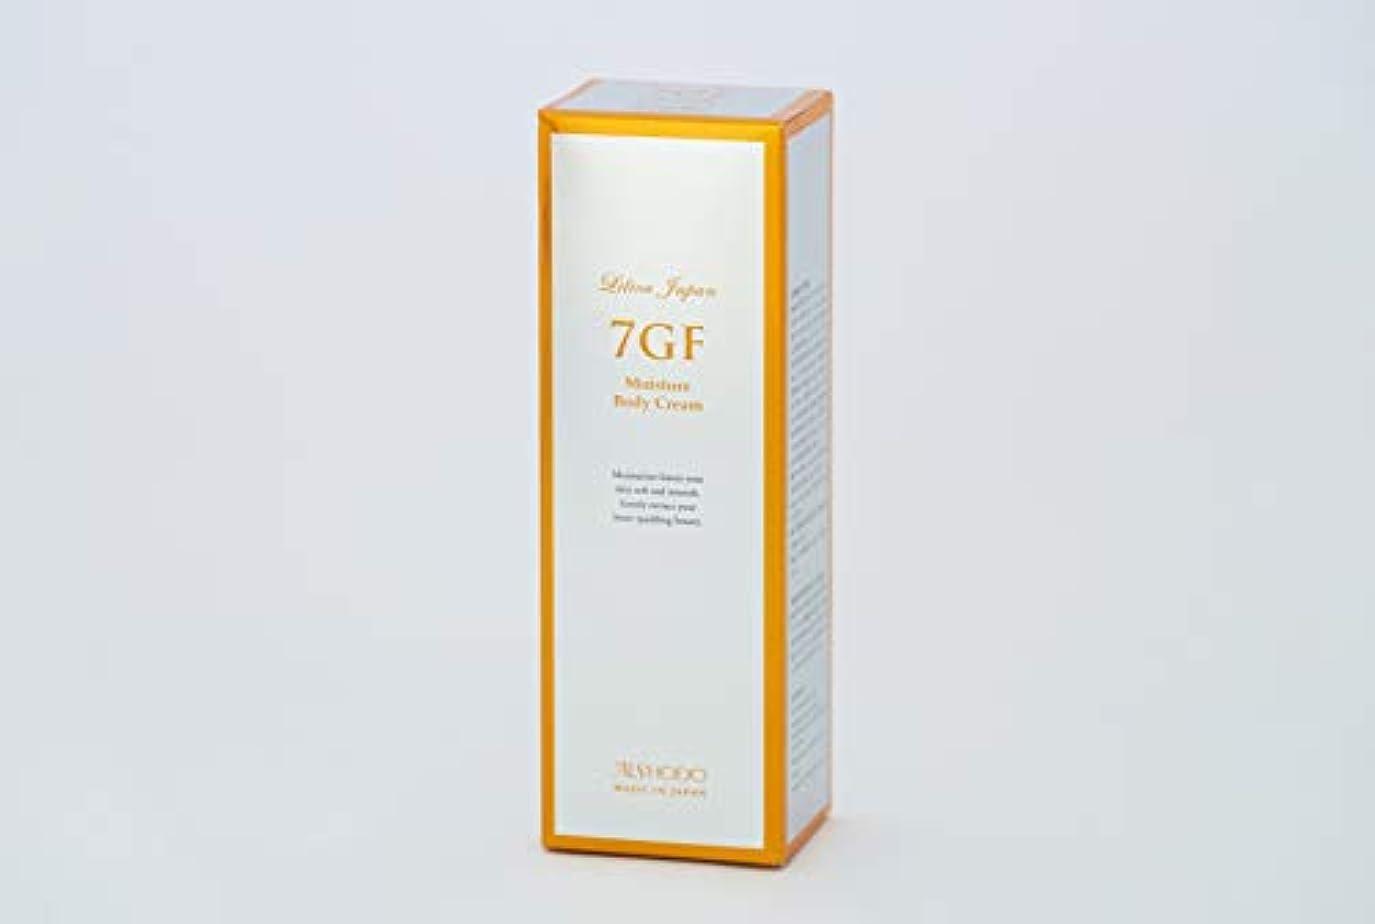 ピンポイントバター咽頭愛粧堂 7GFモイスチャーボディクリーム 150g